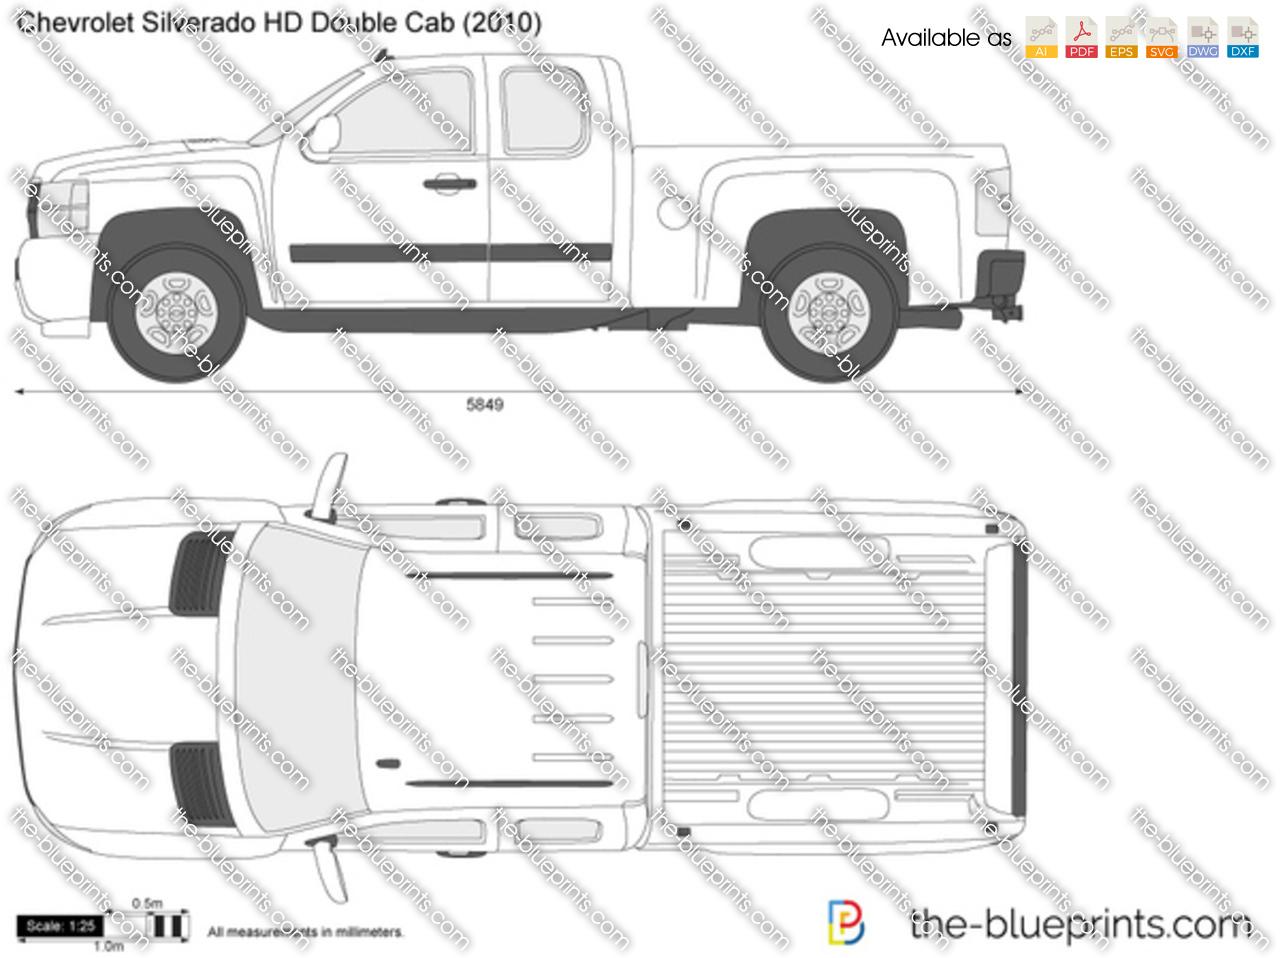 Chevrolet Silverado HD Double Cab 2007